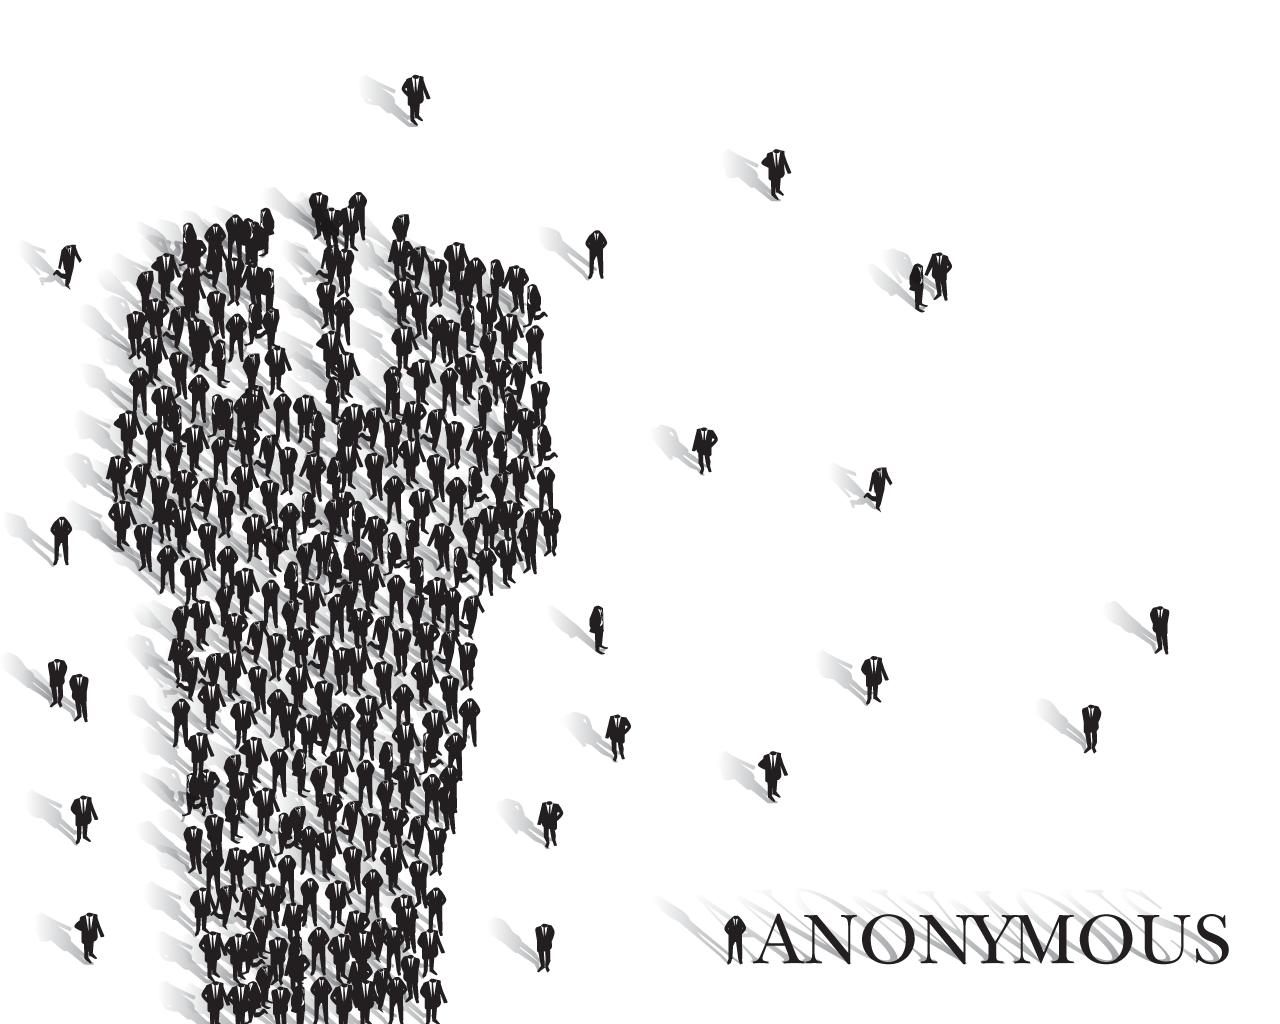 Personnages formant le personnage du logo anonymous